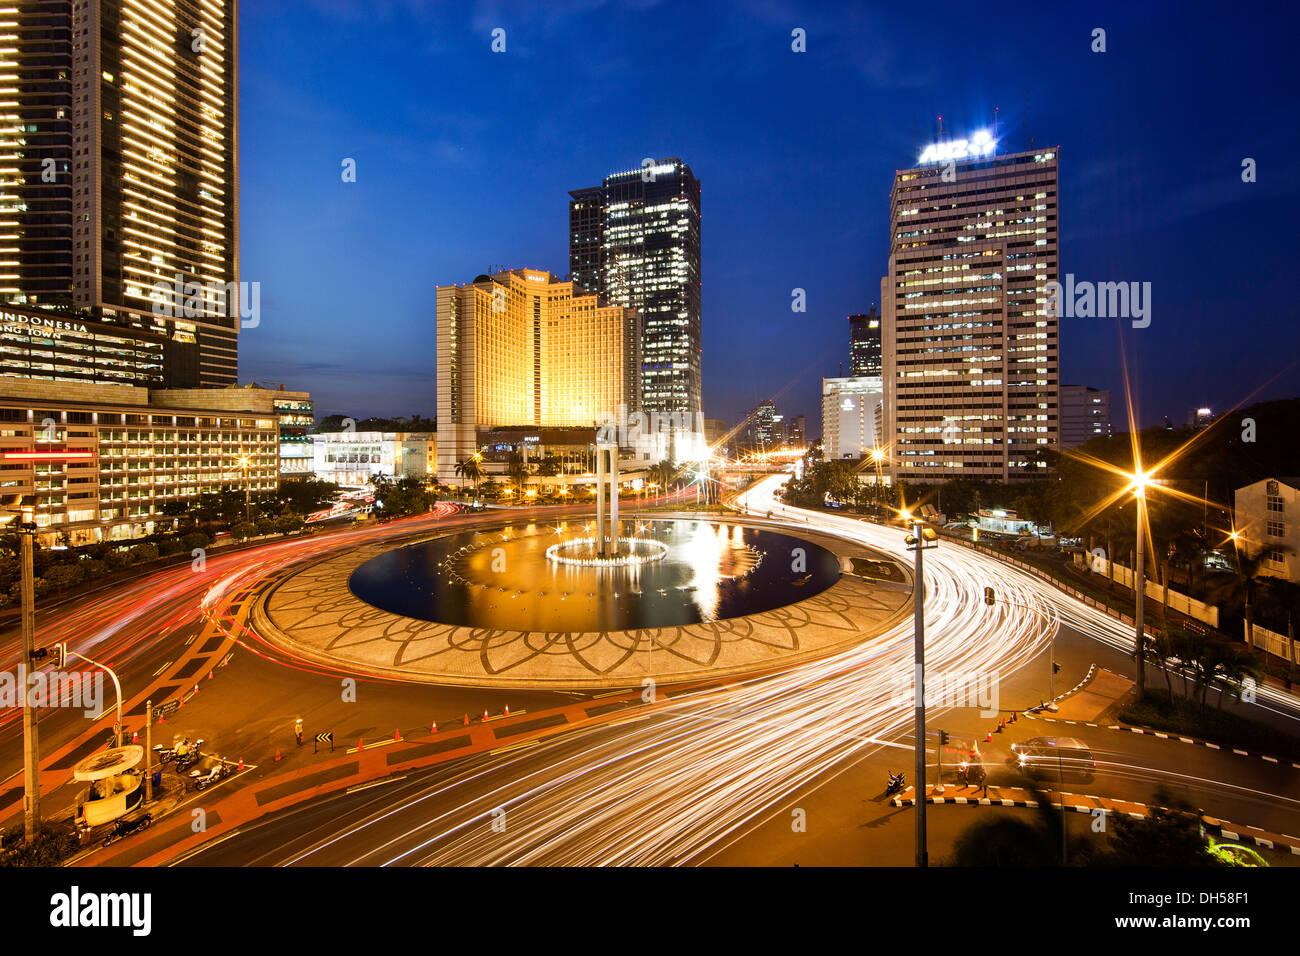 Skyline Of Jakarta With The Grand Hyatt Jakarta Hotel